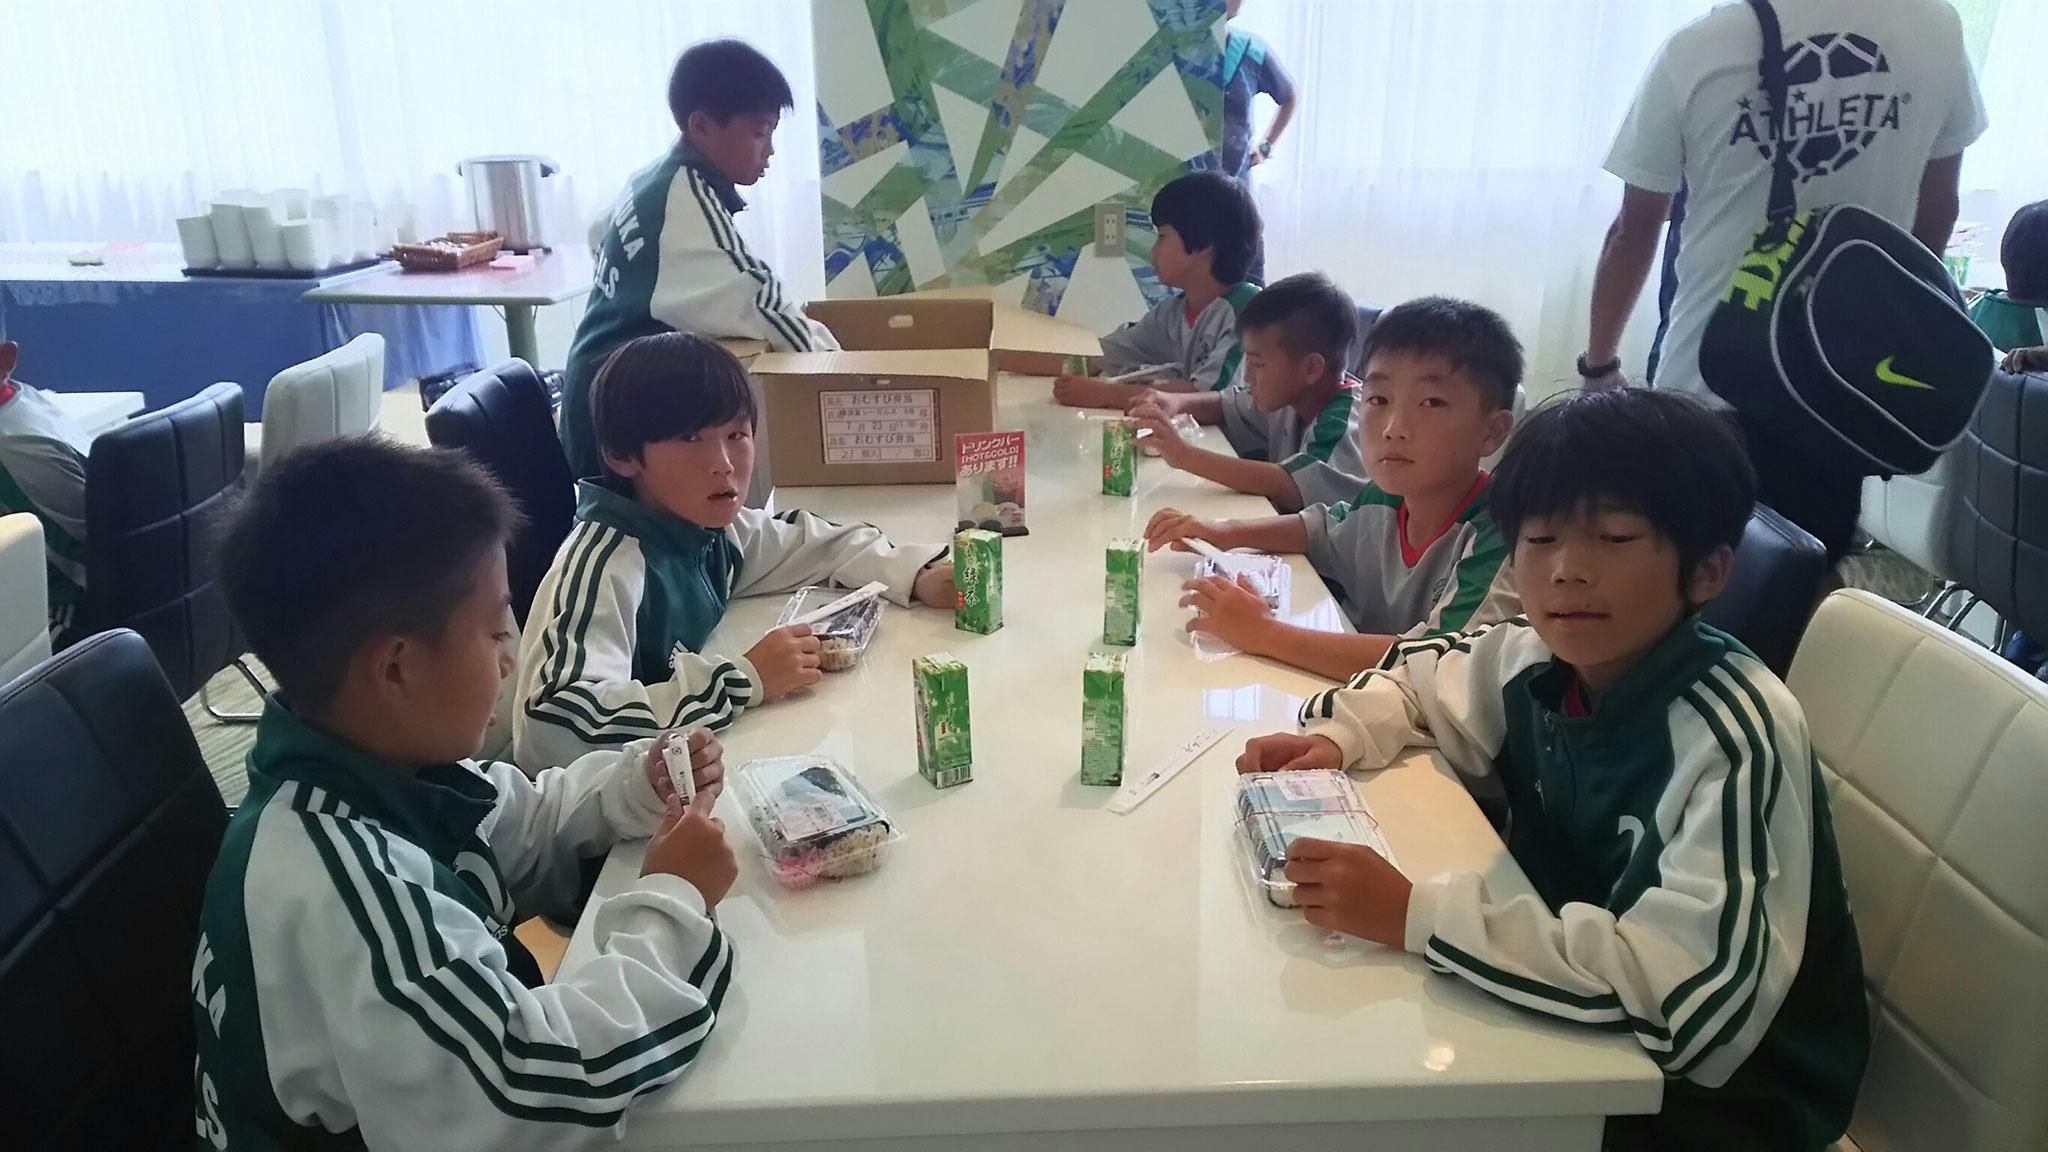 7/23 夏合宿 1日目 昼食